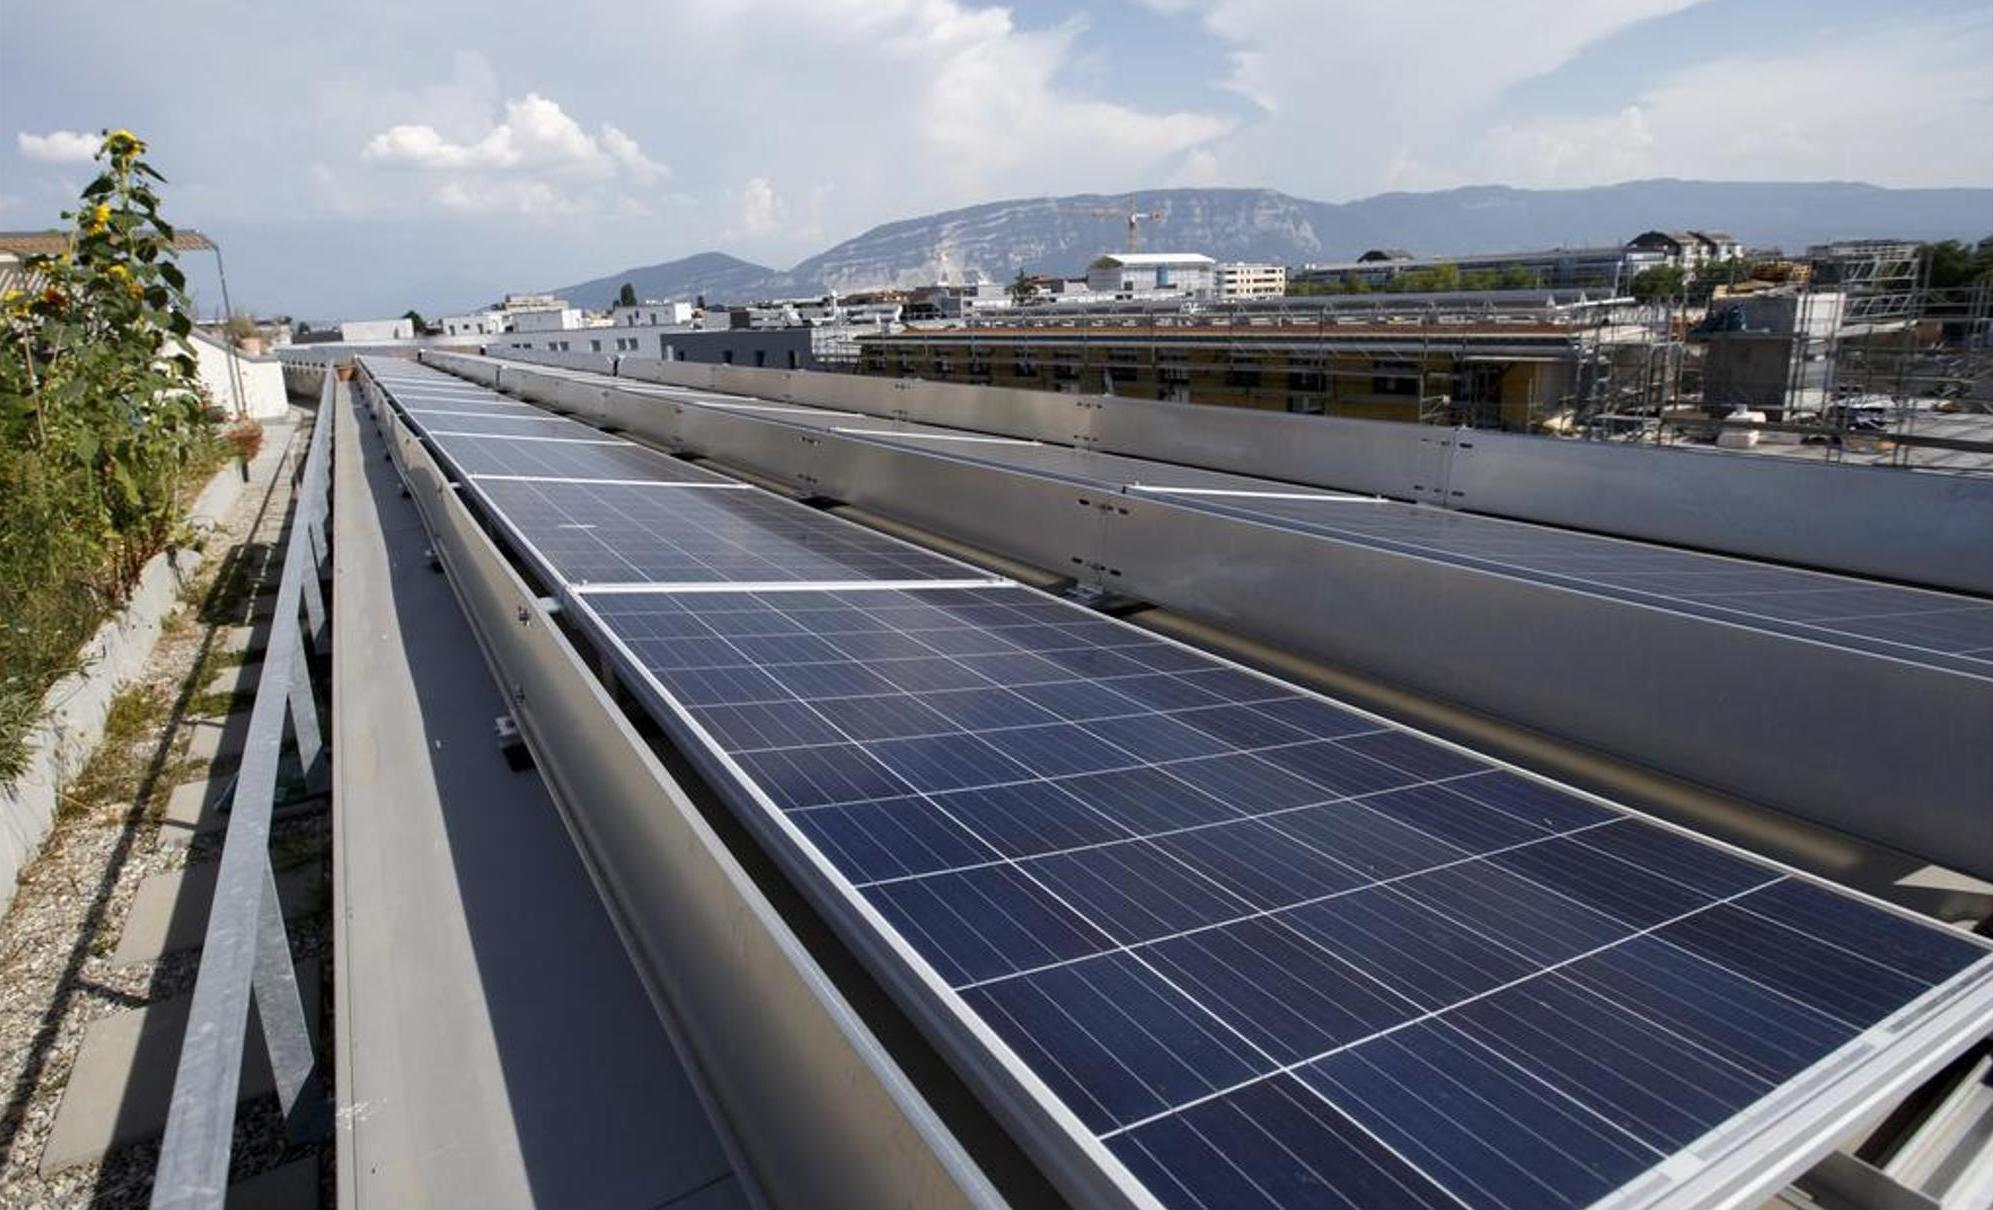 Hat die Schweiz zu wenig Sonneneinstrahlung für gewinnbringende Nutzung von Solarenergie? Nein! Auf die Fläche der Schweiz trifft etwa 200-mal mehr Sonneneinstrahlung, als Energie verbraucht wird. KEYSTONE / Salvatore Di Nolfi